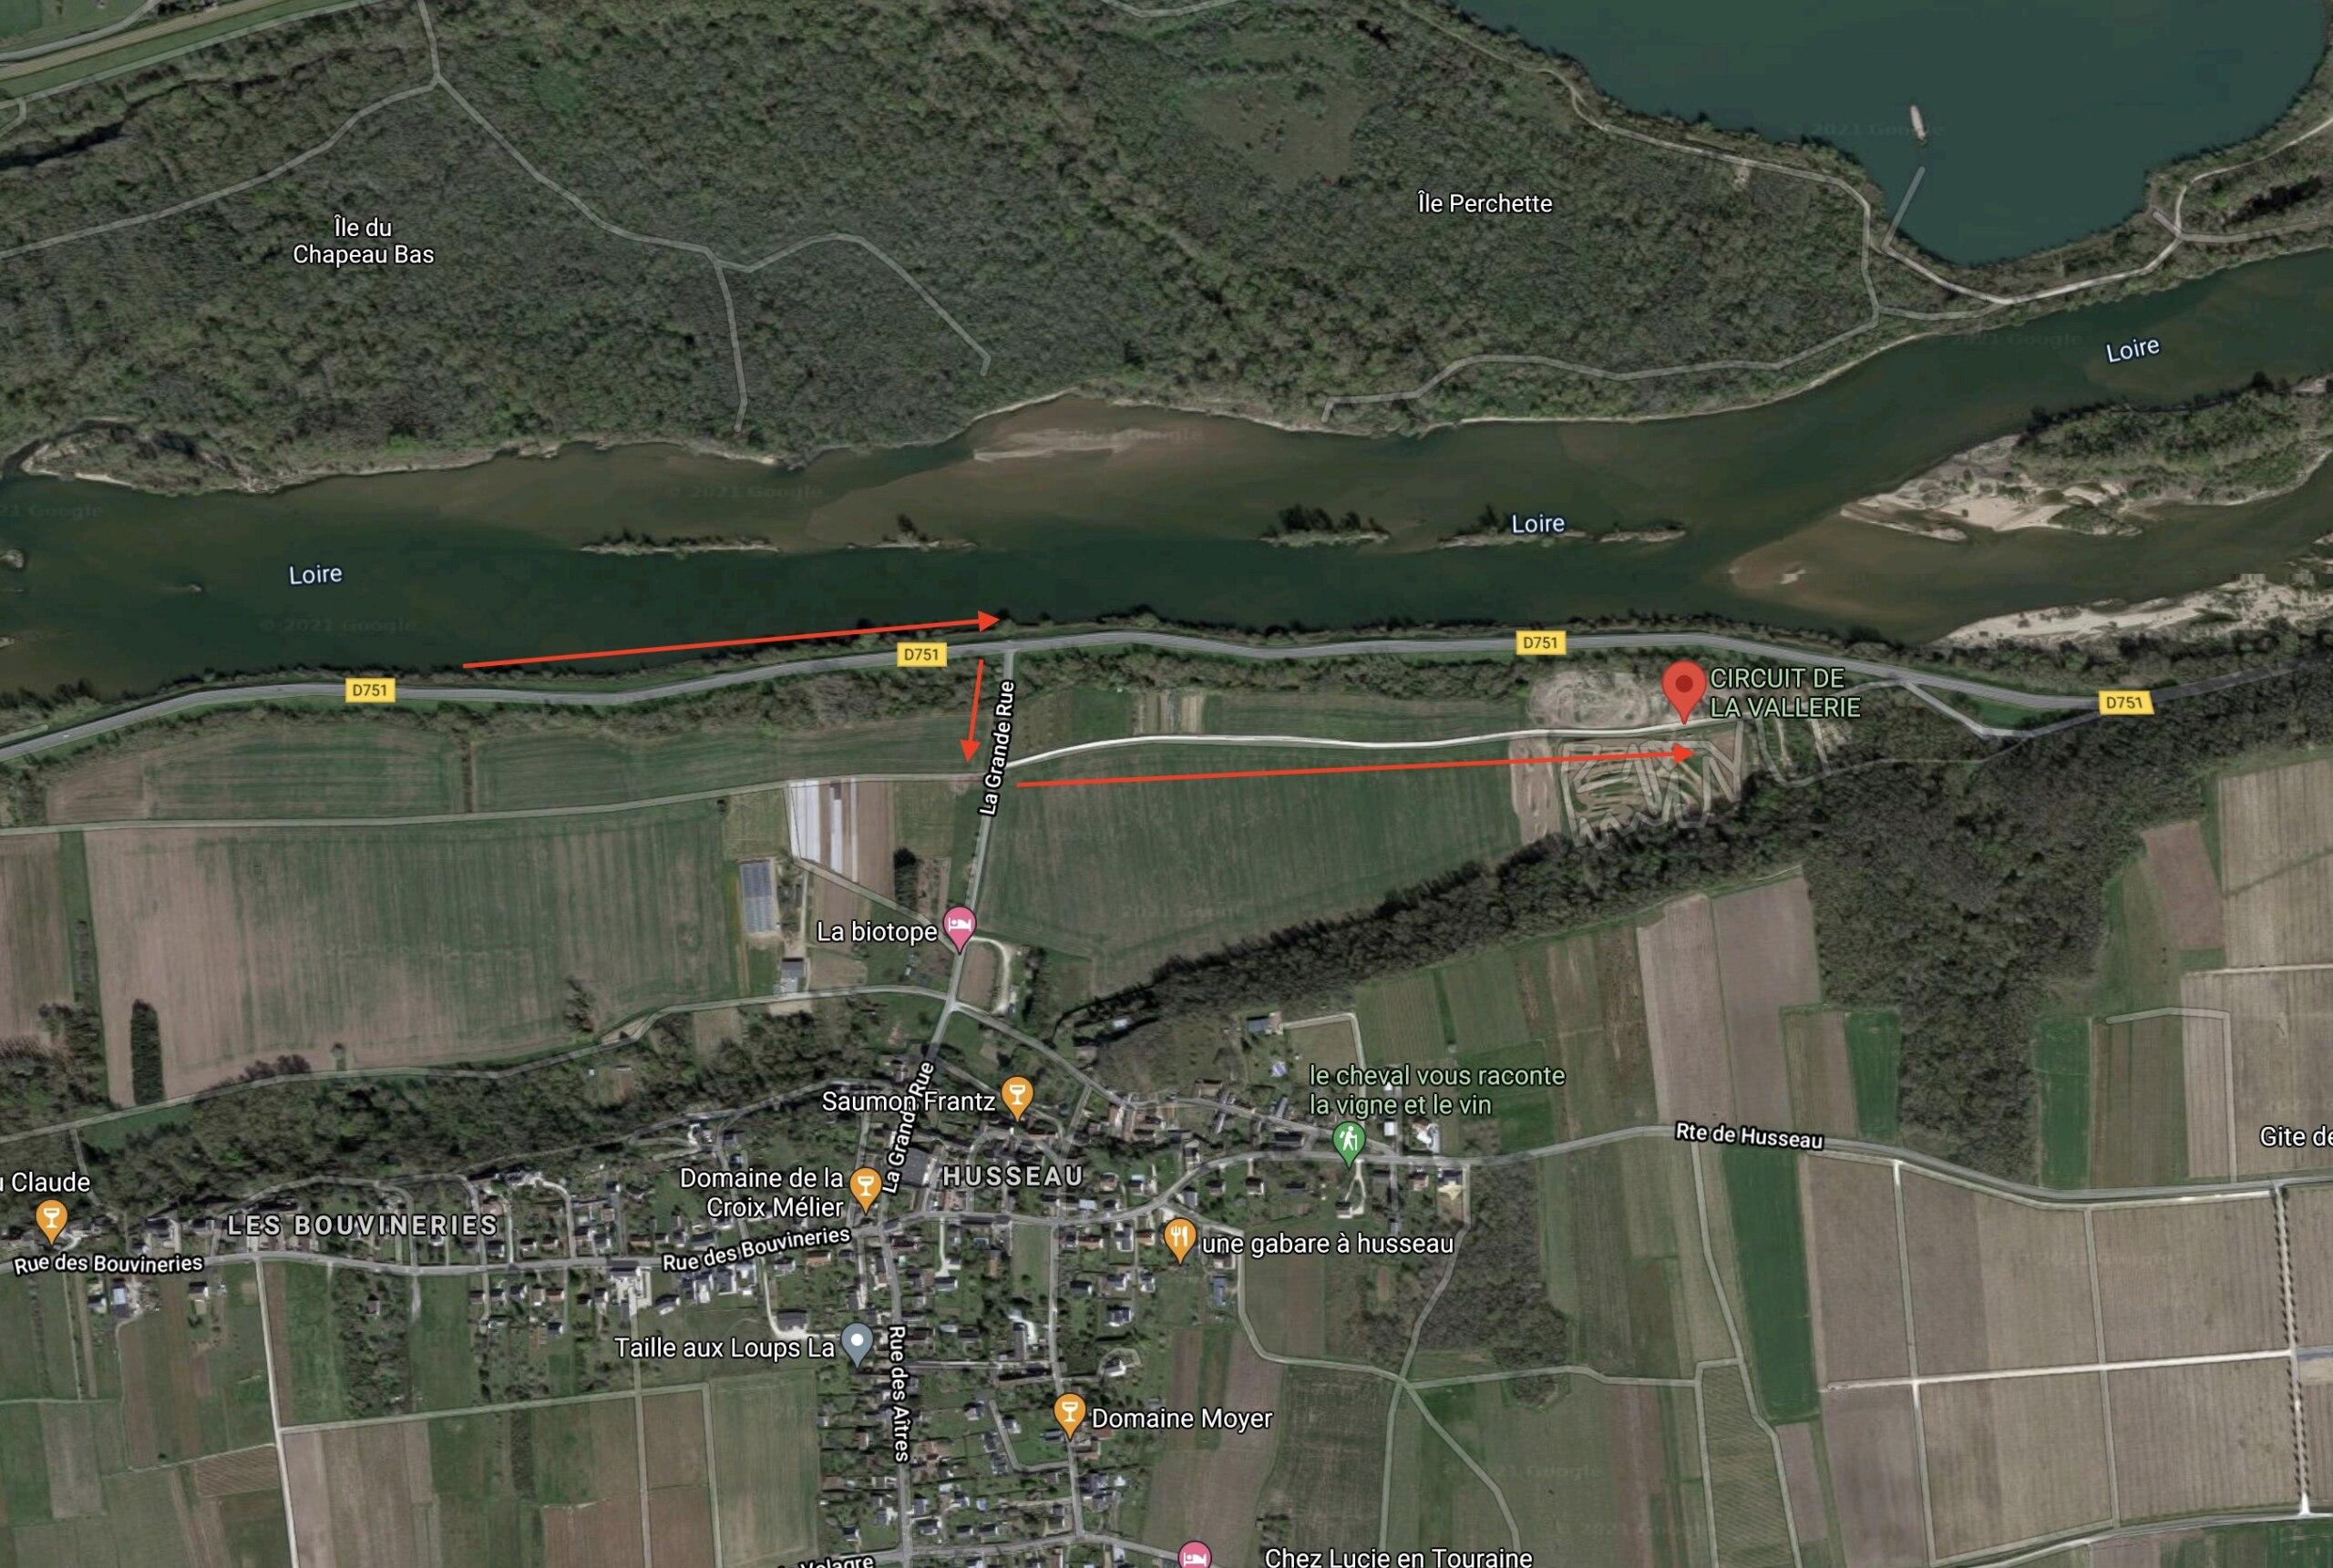 Sortie RC Scale et Crawler en Région Centre Val de Loire, Indre et Loire 37. Année 2021. - Page 11 Captu293